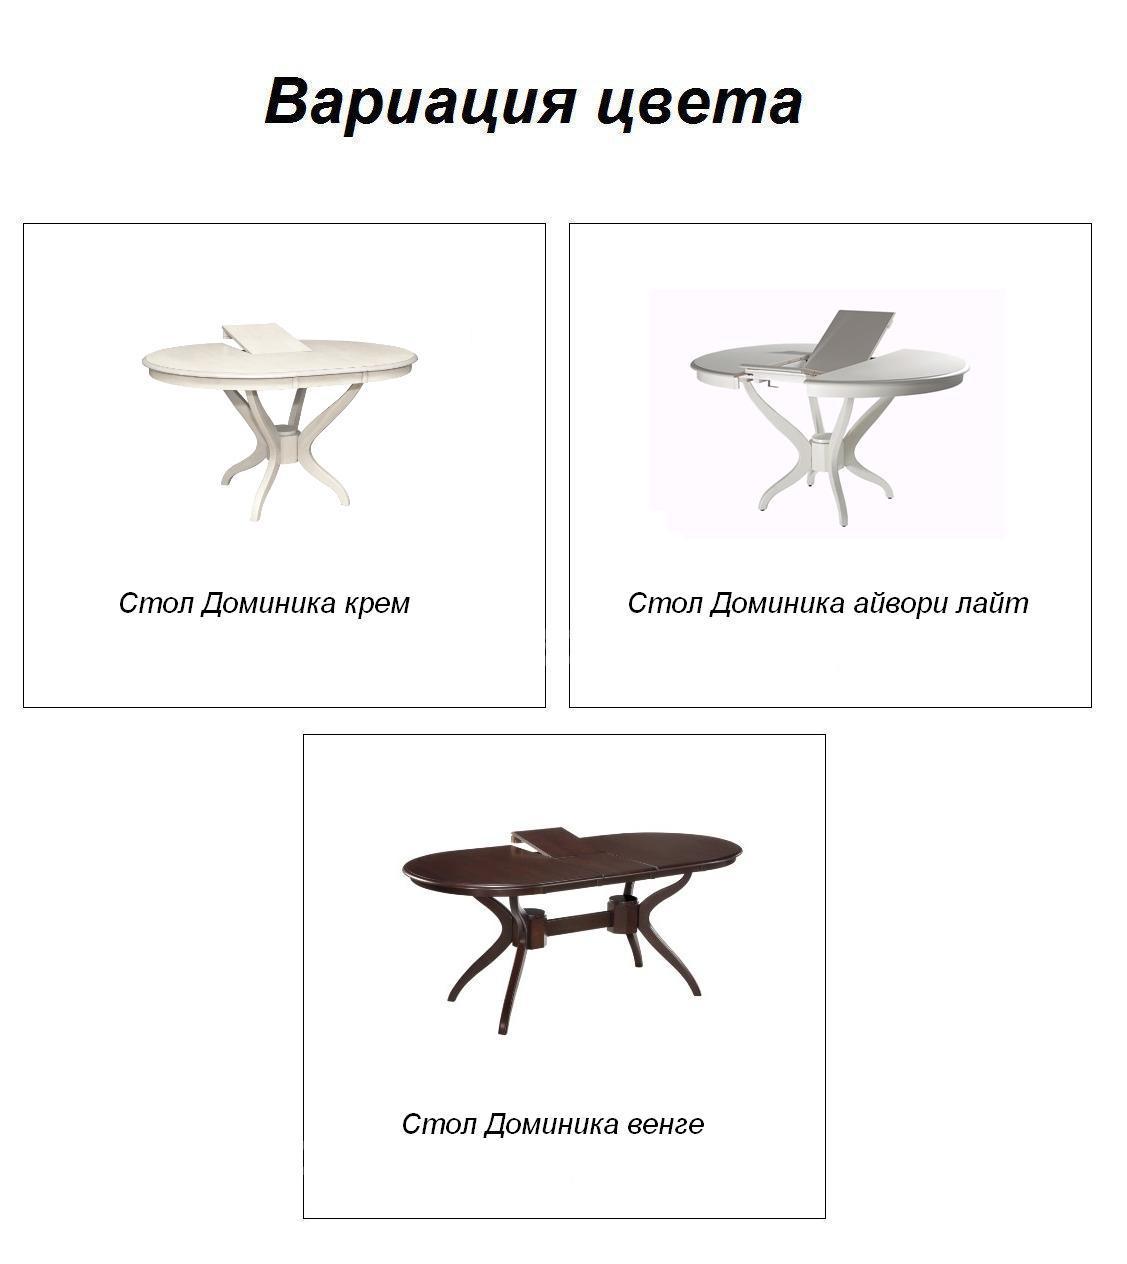 Стол обеденный Доминика раскладной 150-190х90 Айвори лайт (Domini TM), фото 3